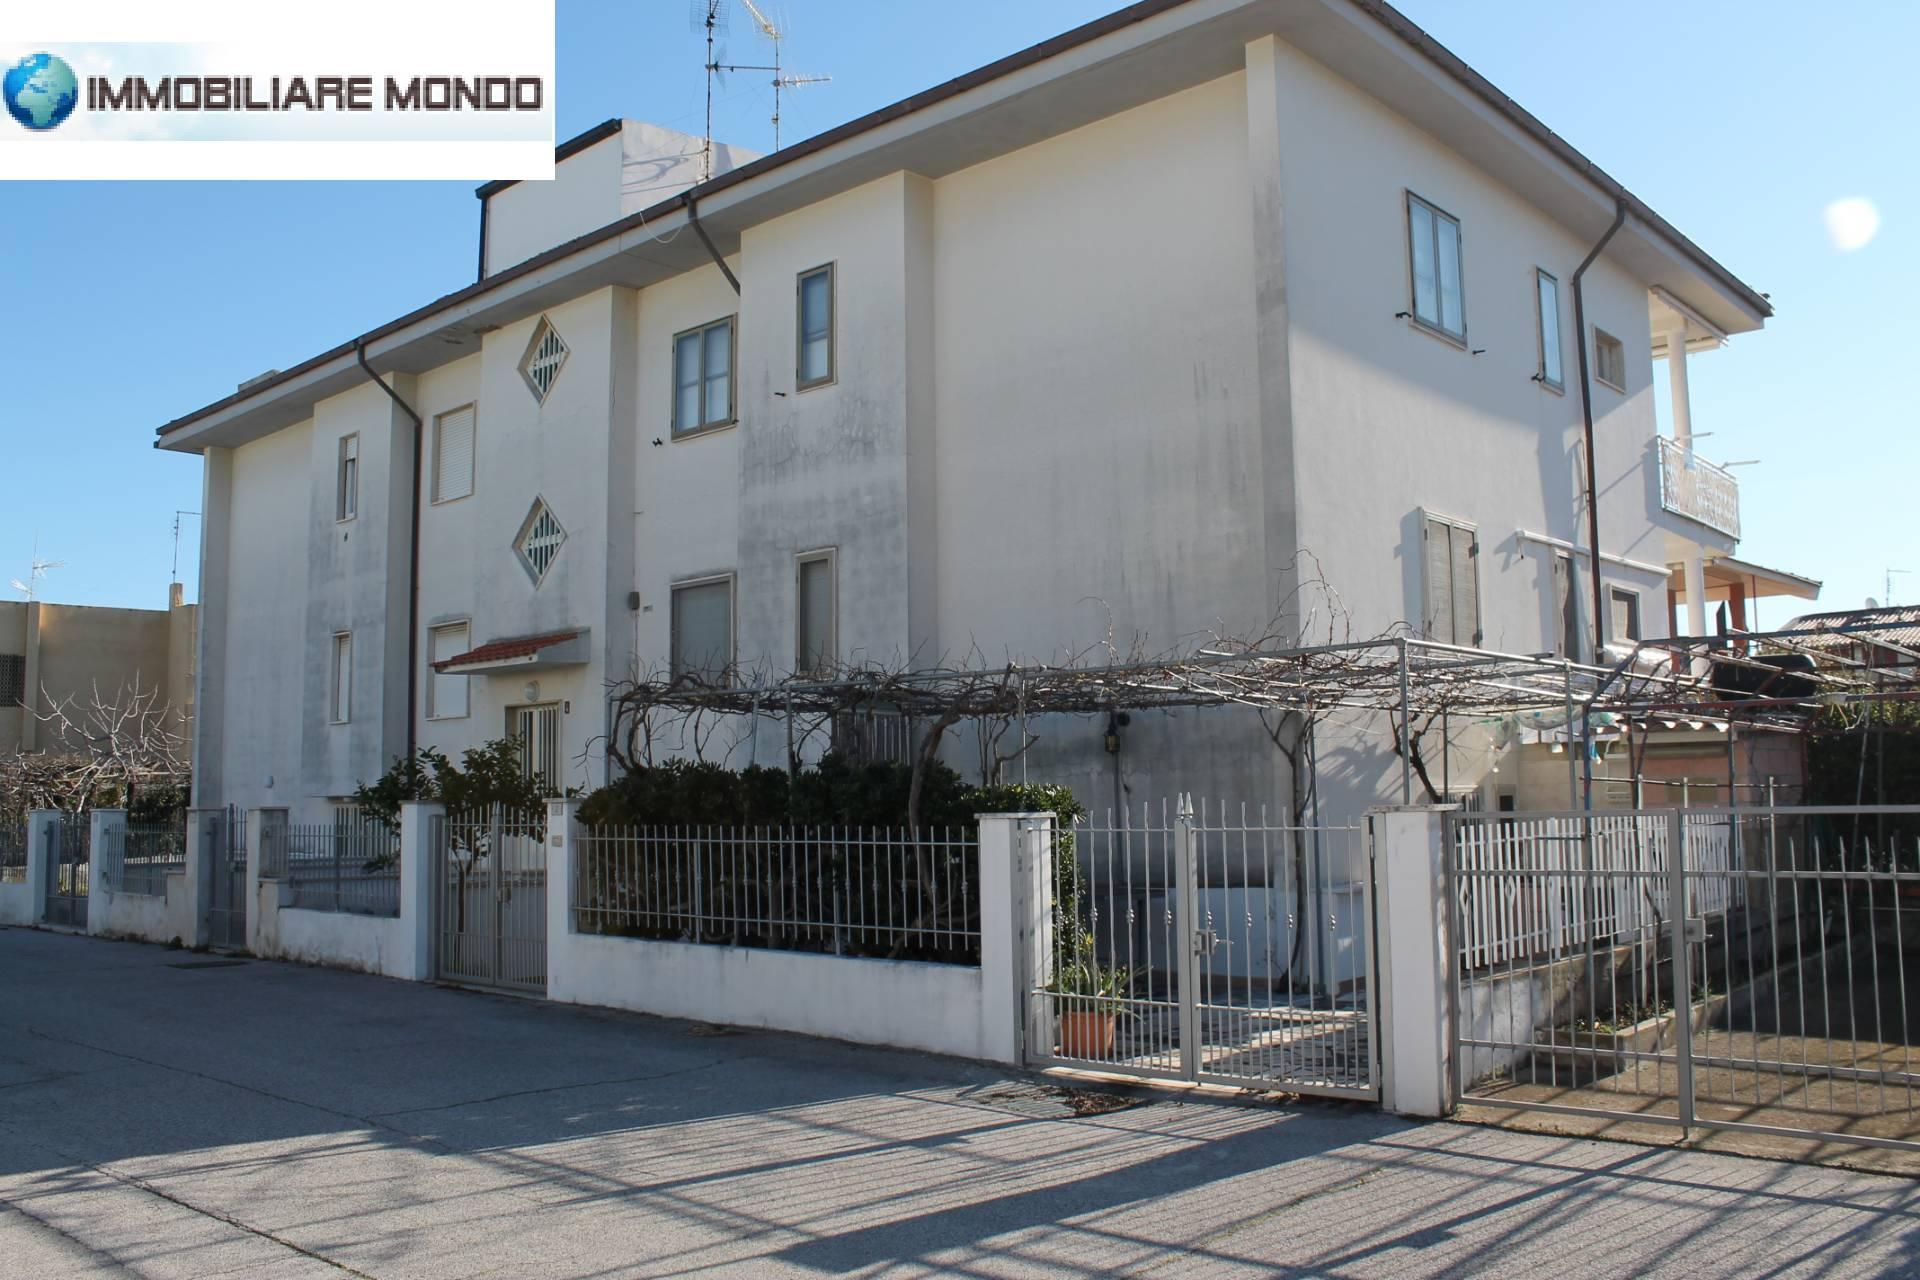 Appartamento in vendita a Campomarino, 5 locali, zona Località: LidodiCampomarino, prezzo € 100.000   PortaleAgenzieImmobiliari.it